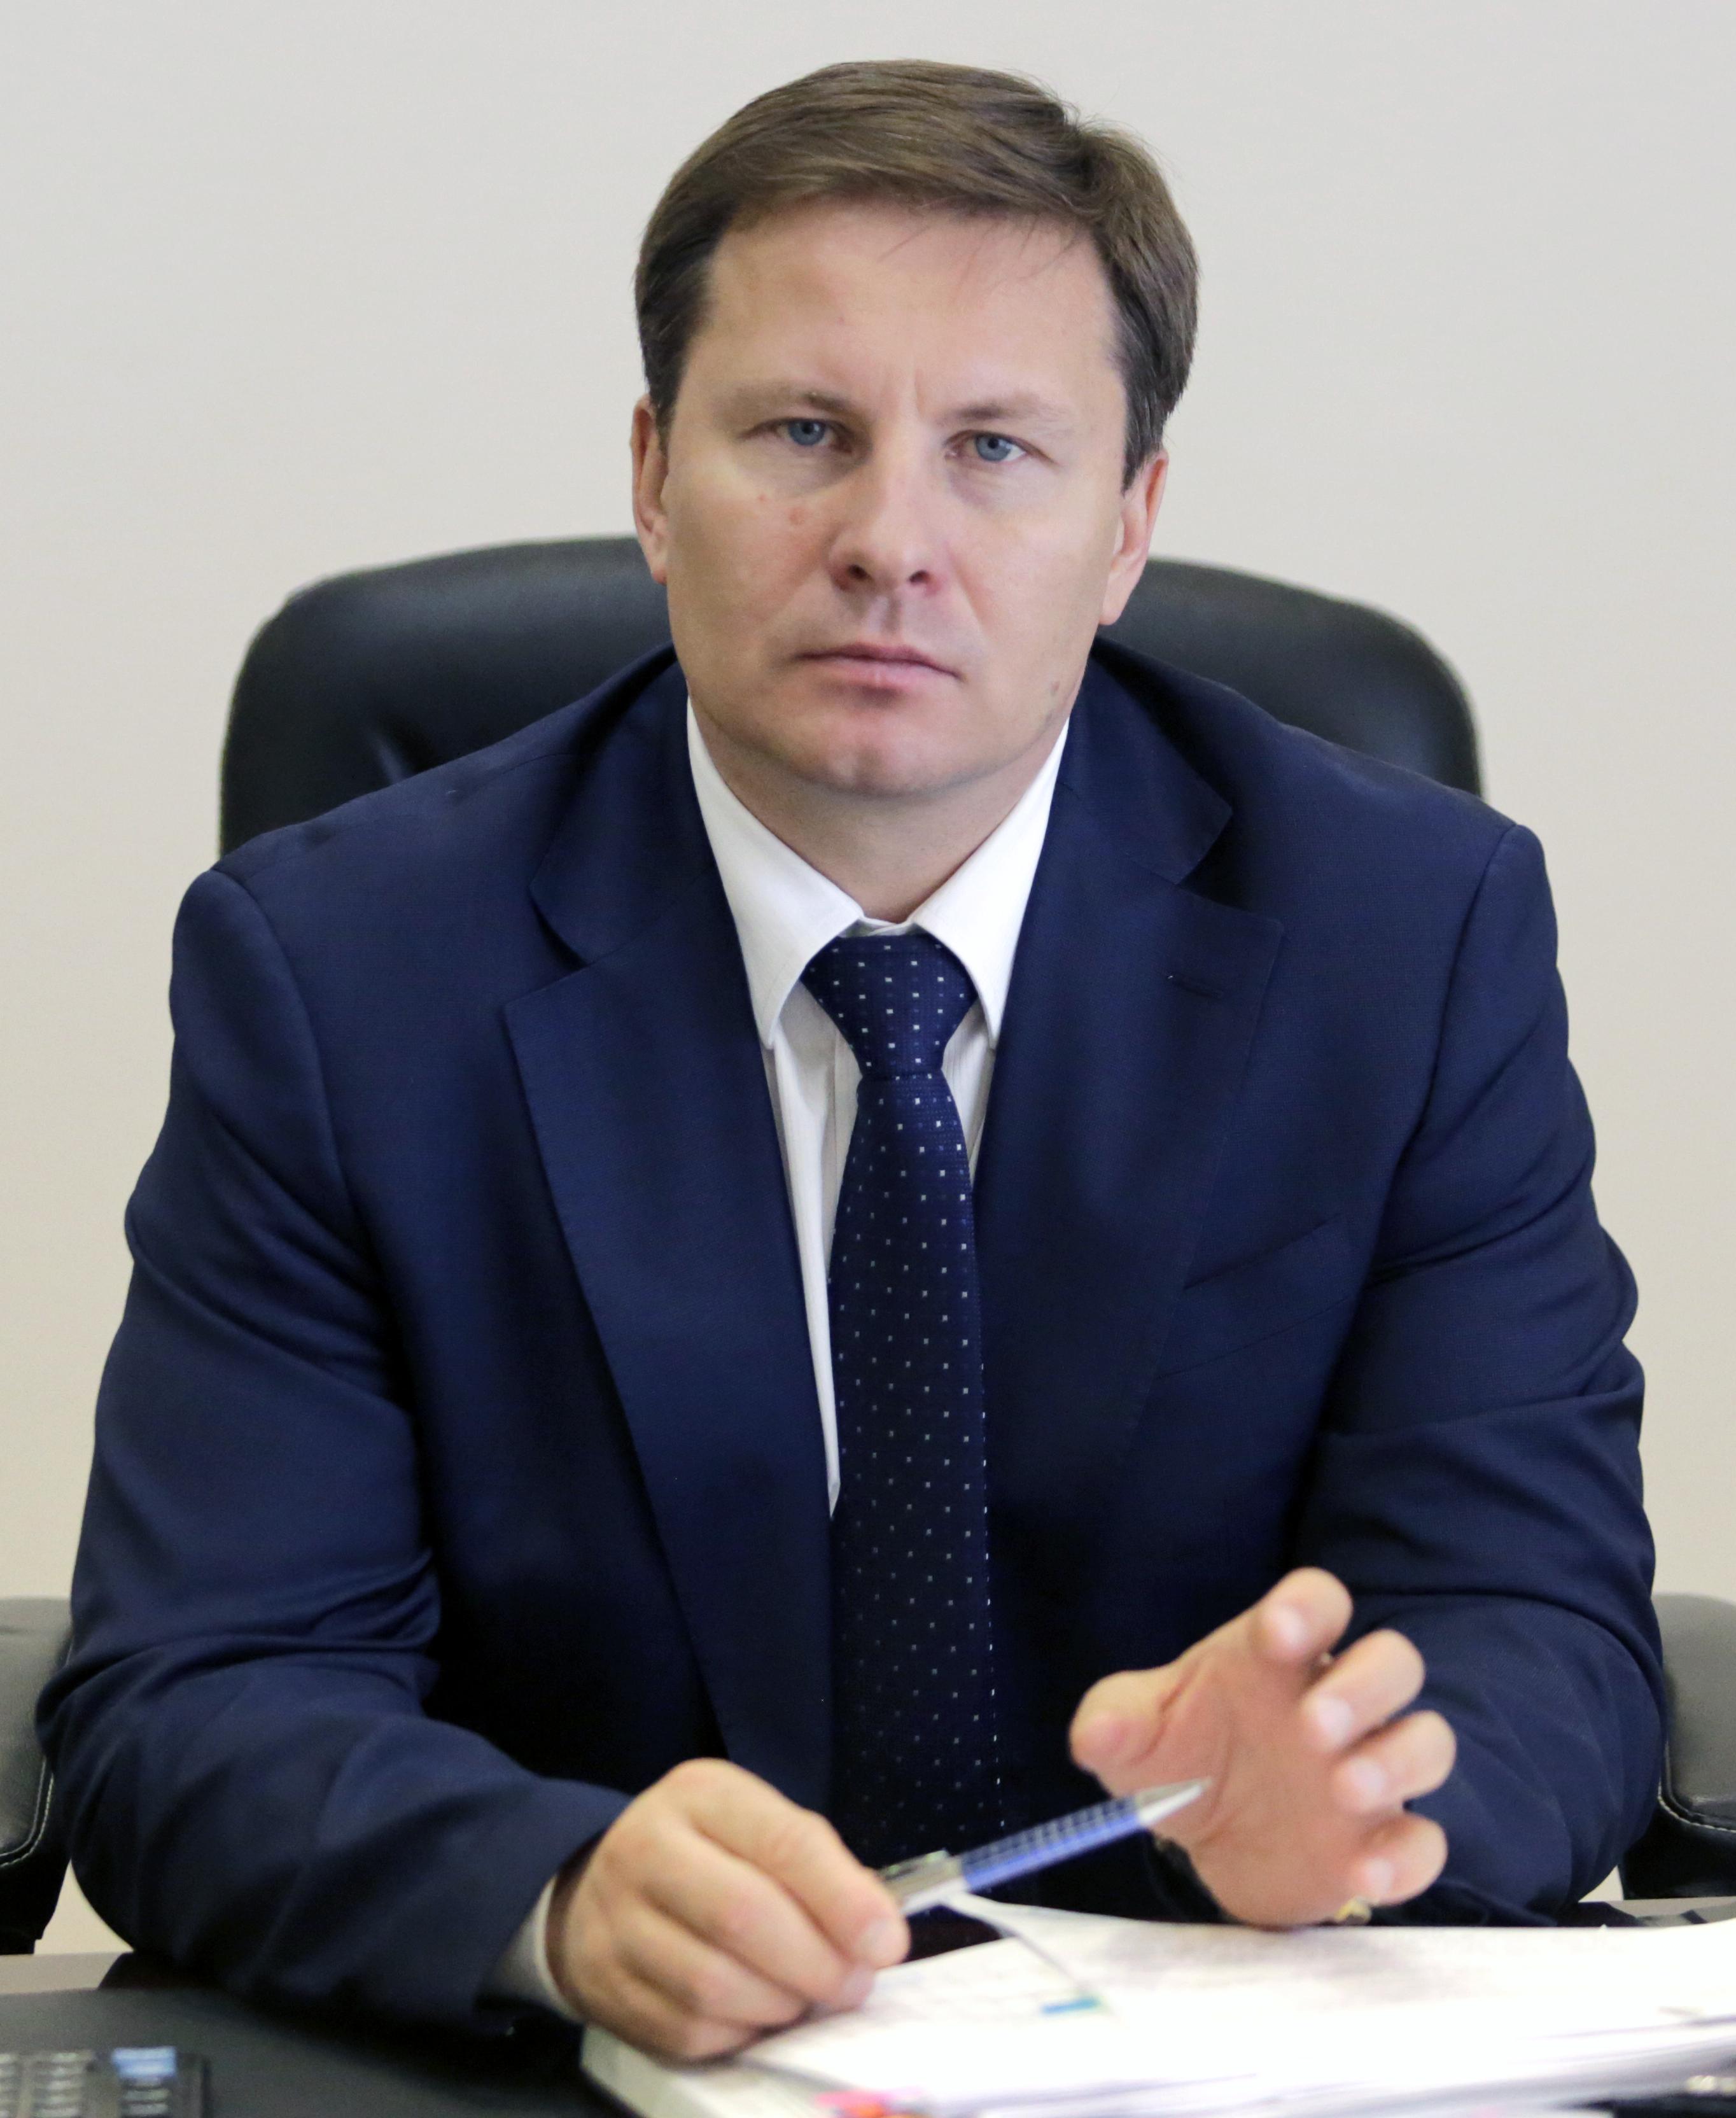 Вадим Ойкин стал первым зампредом облправительства